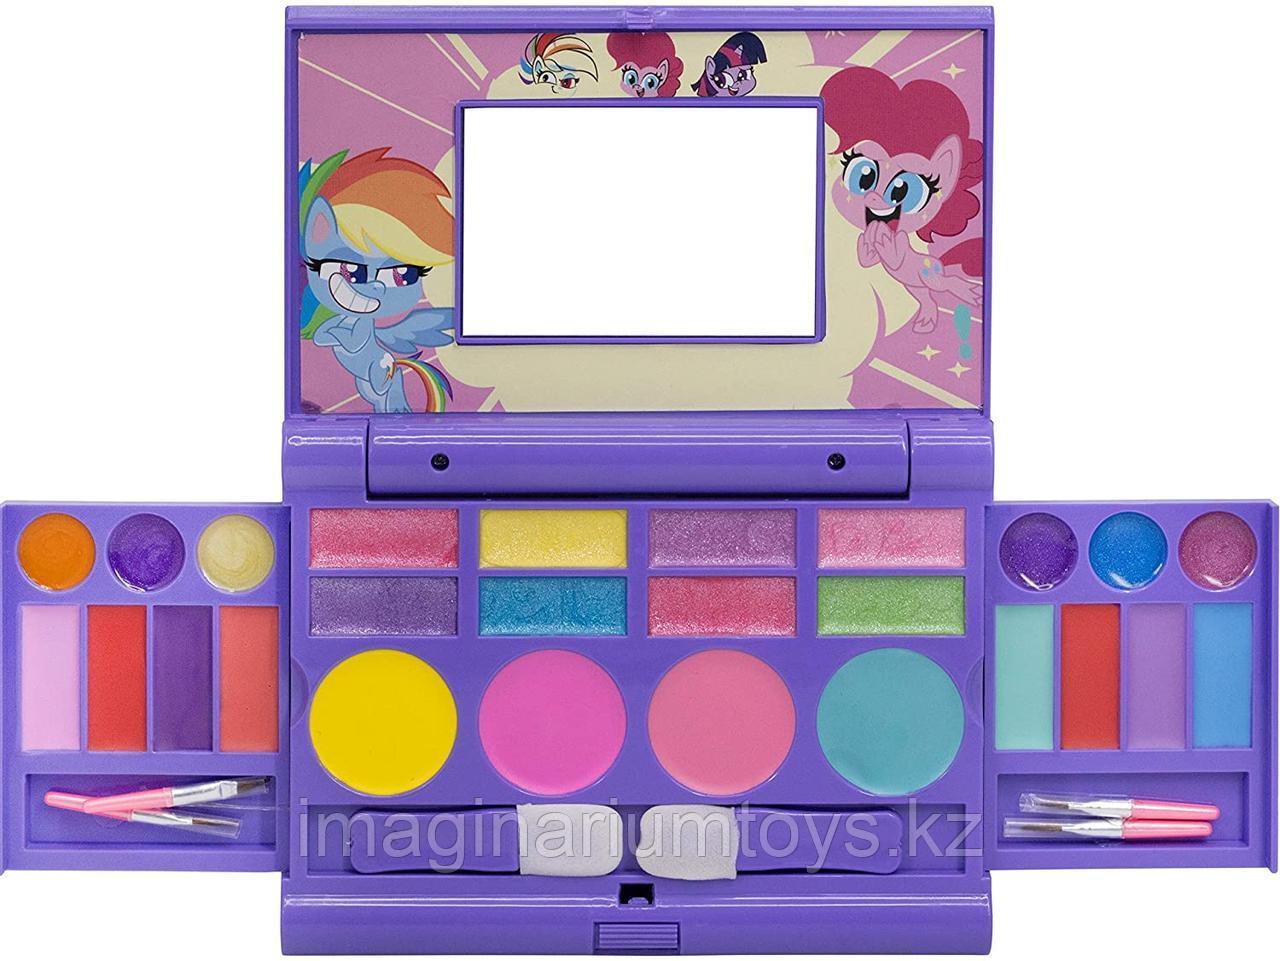 Детская декоративная косметика для девочек My Little Pony Townley